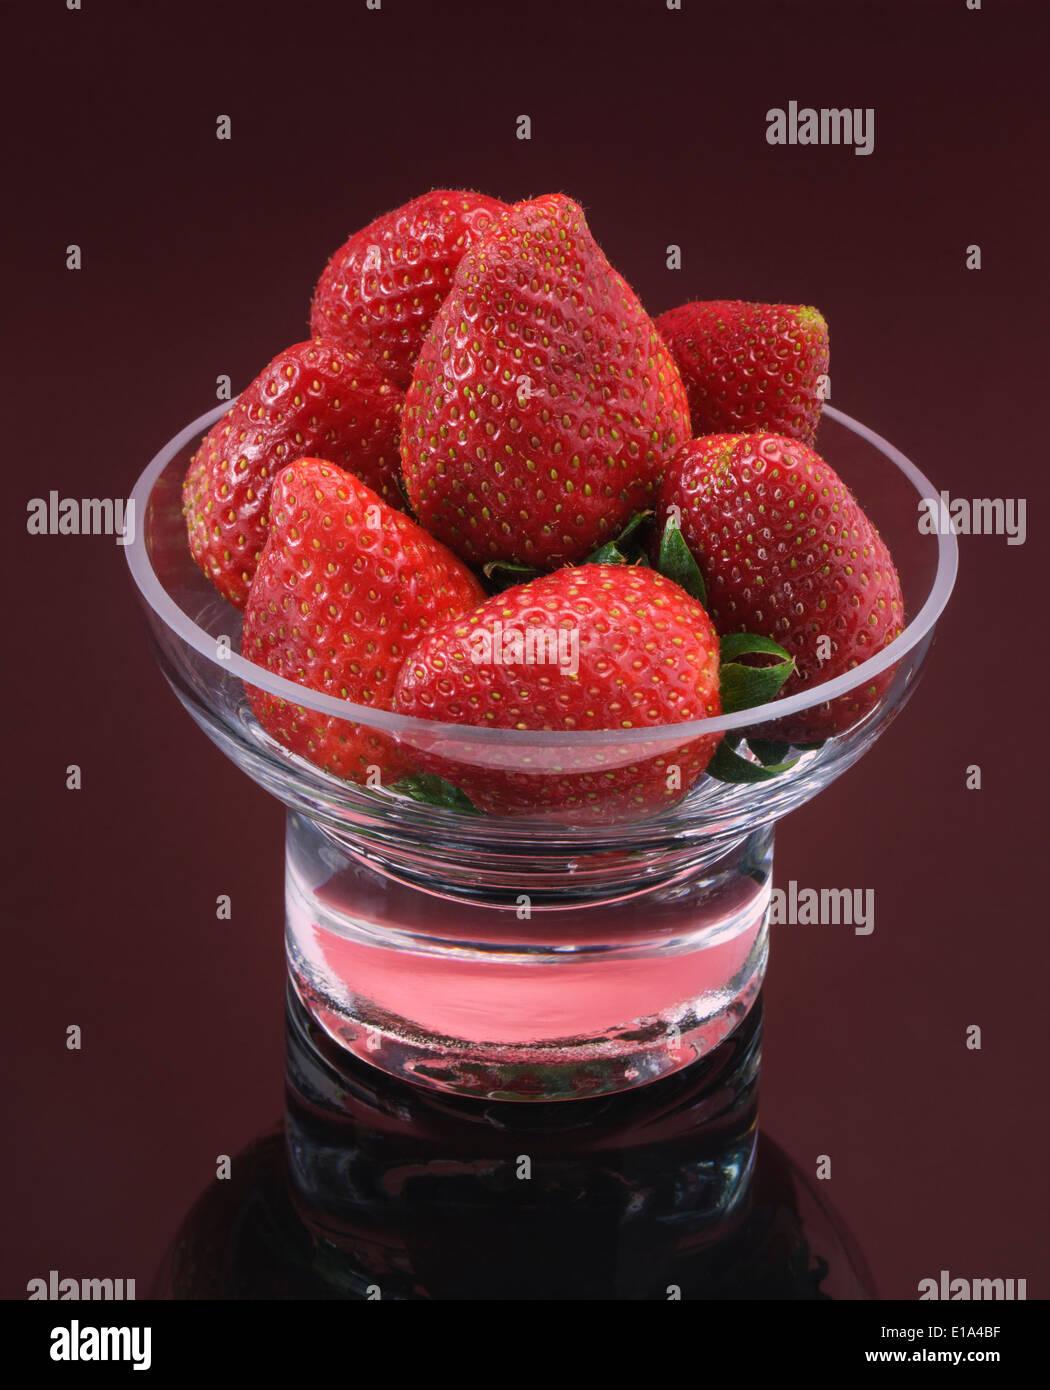 Frische Erdbeeren in Glasschale Stockbild